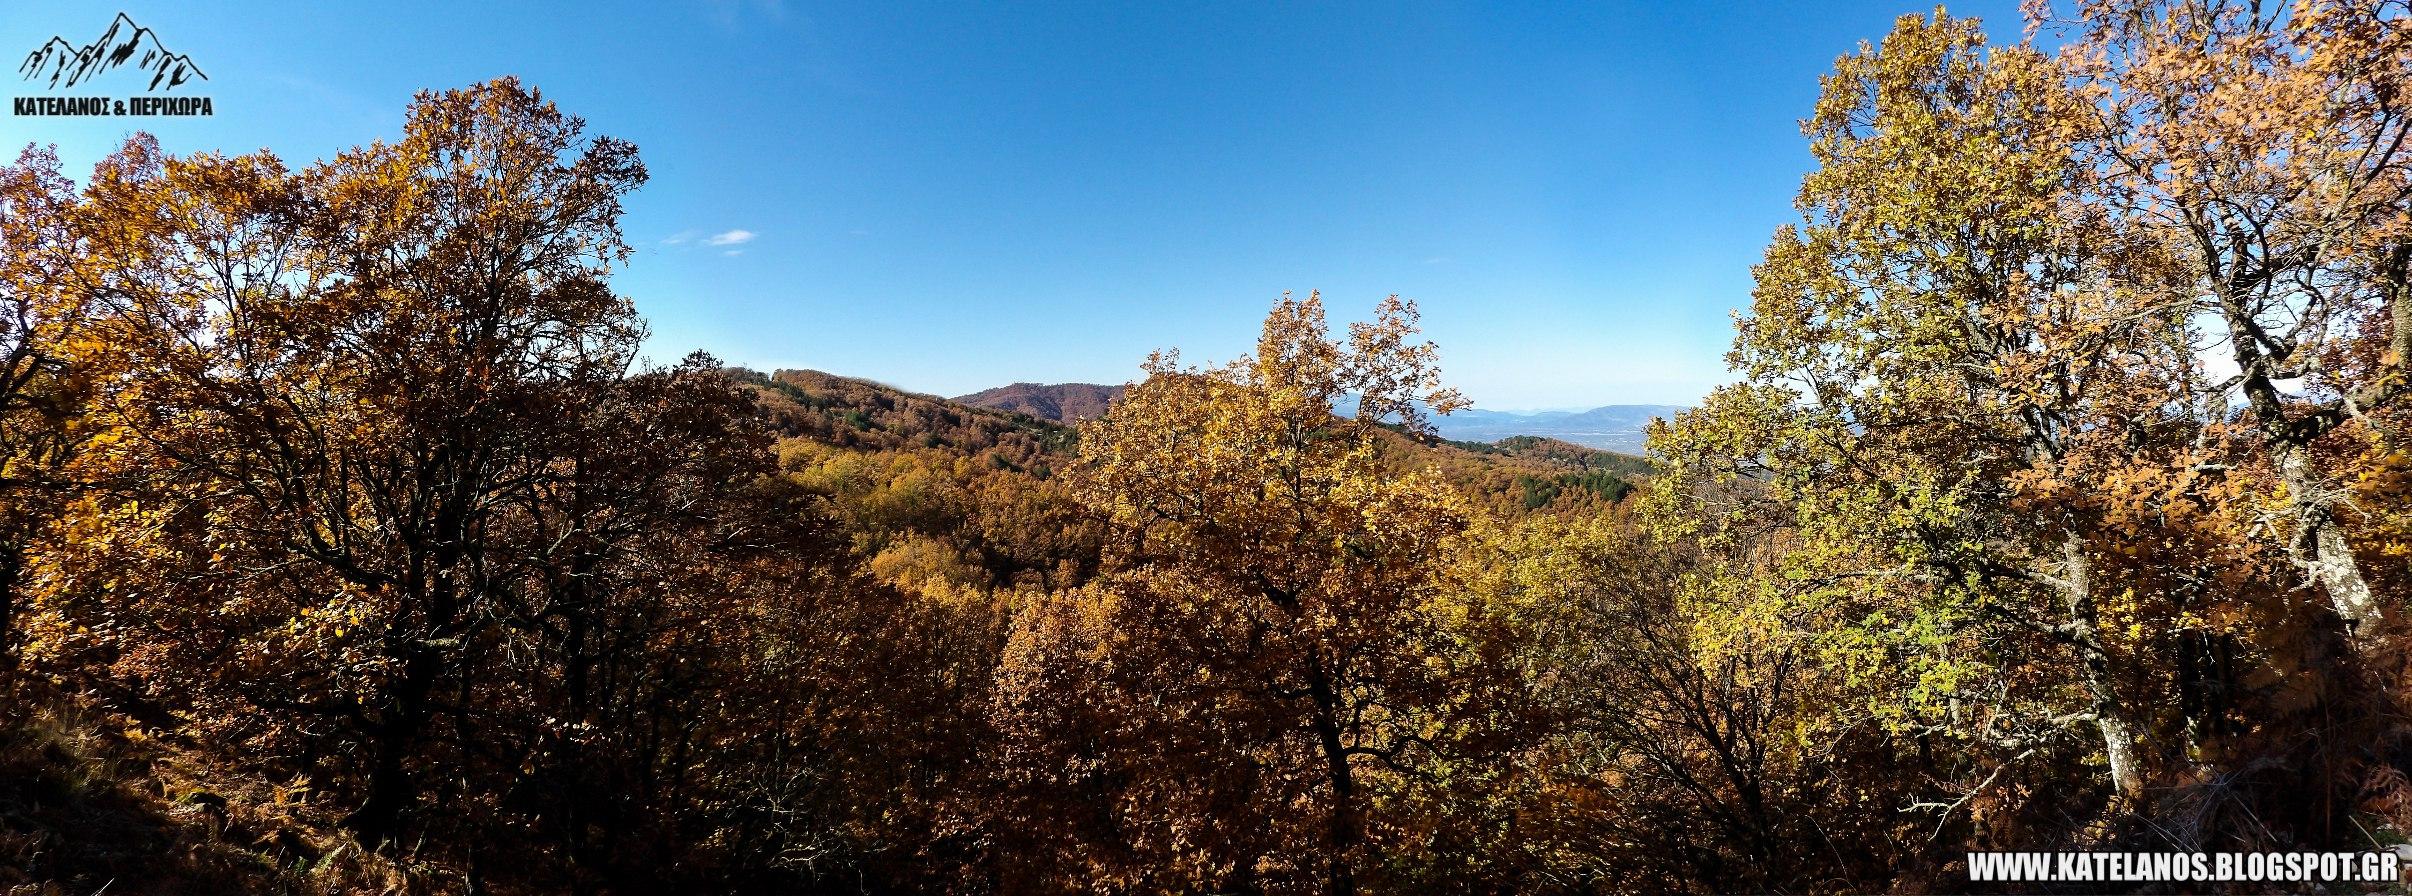 ορος αρακυνθος φυλλοβολλα φθινόπωρο